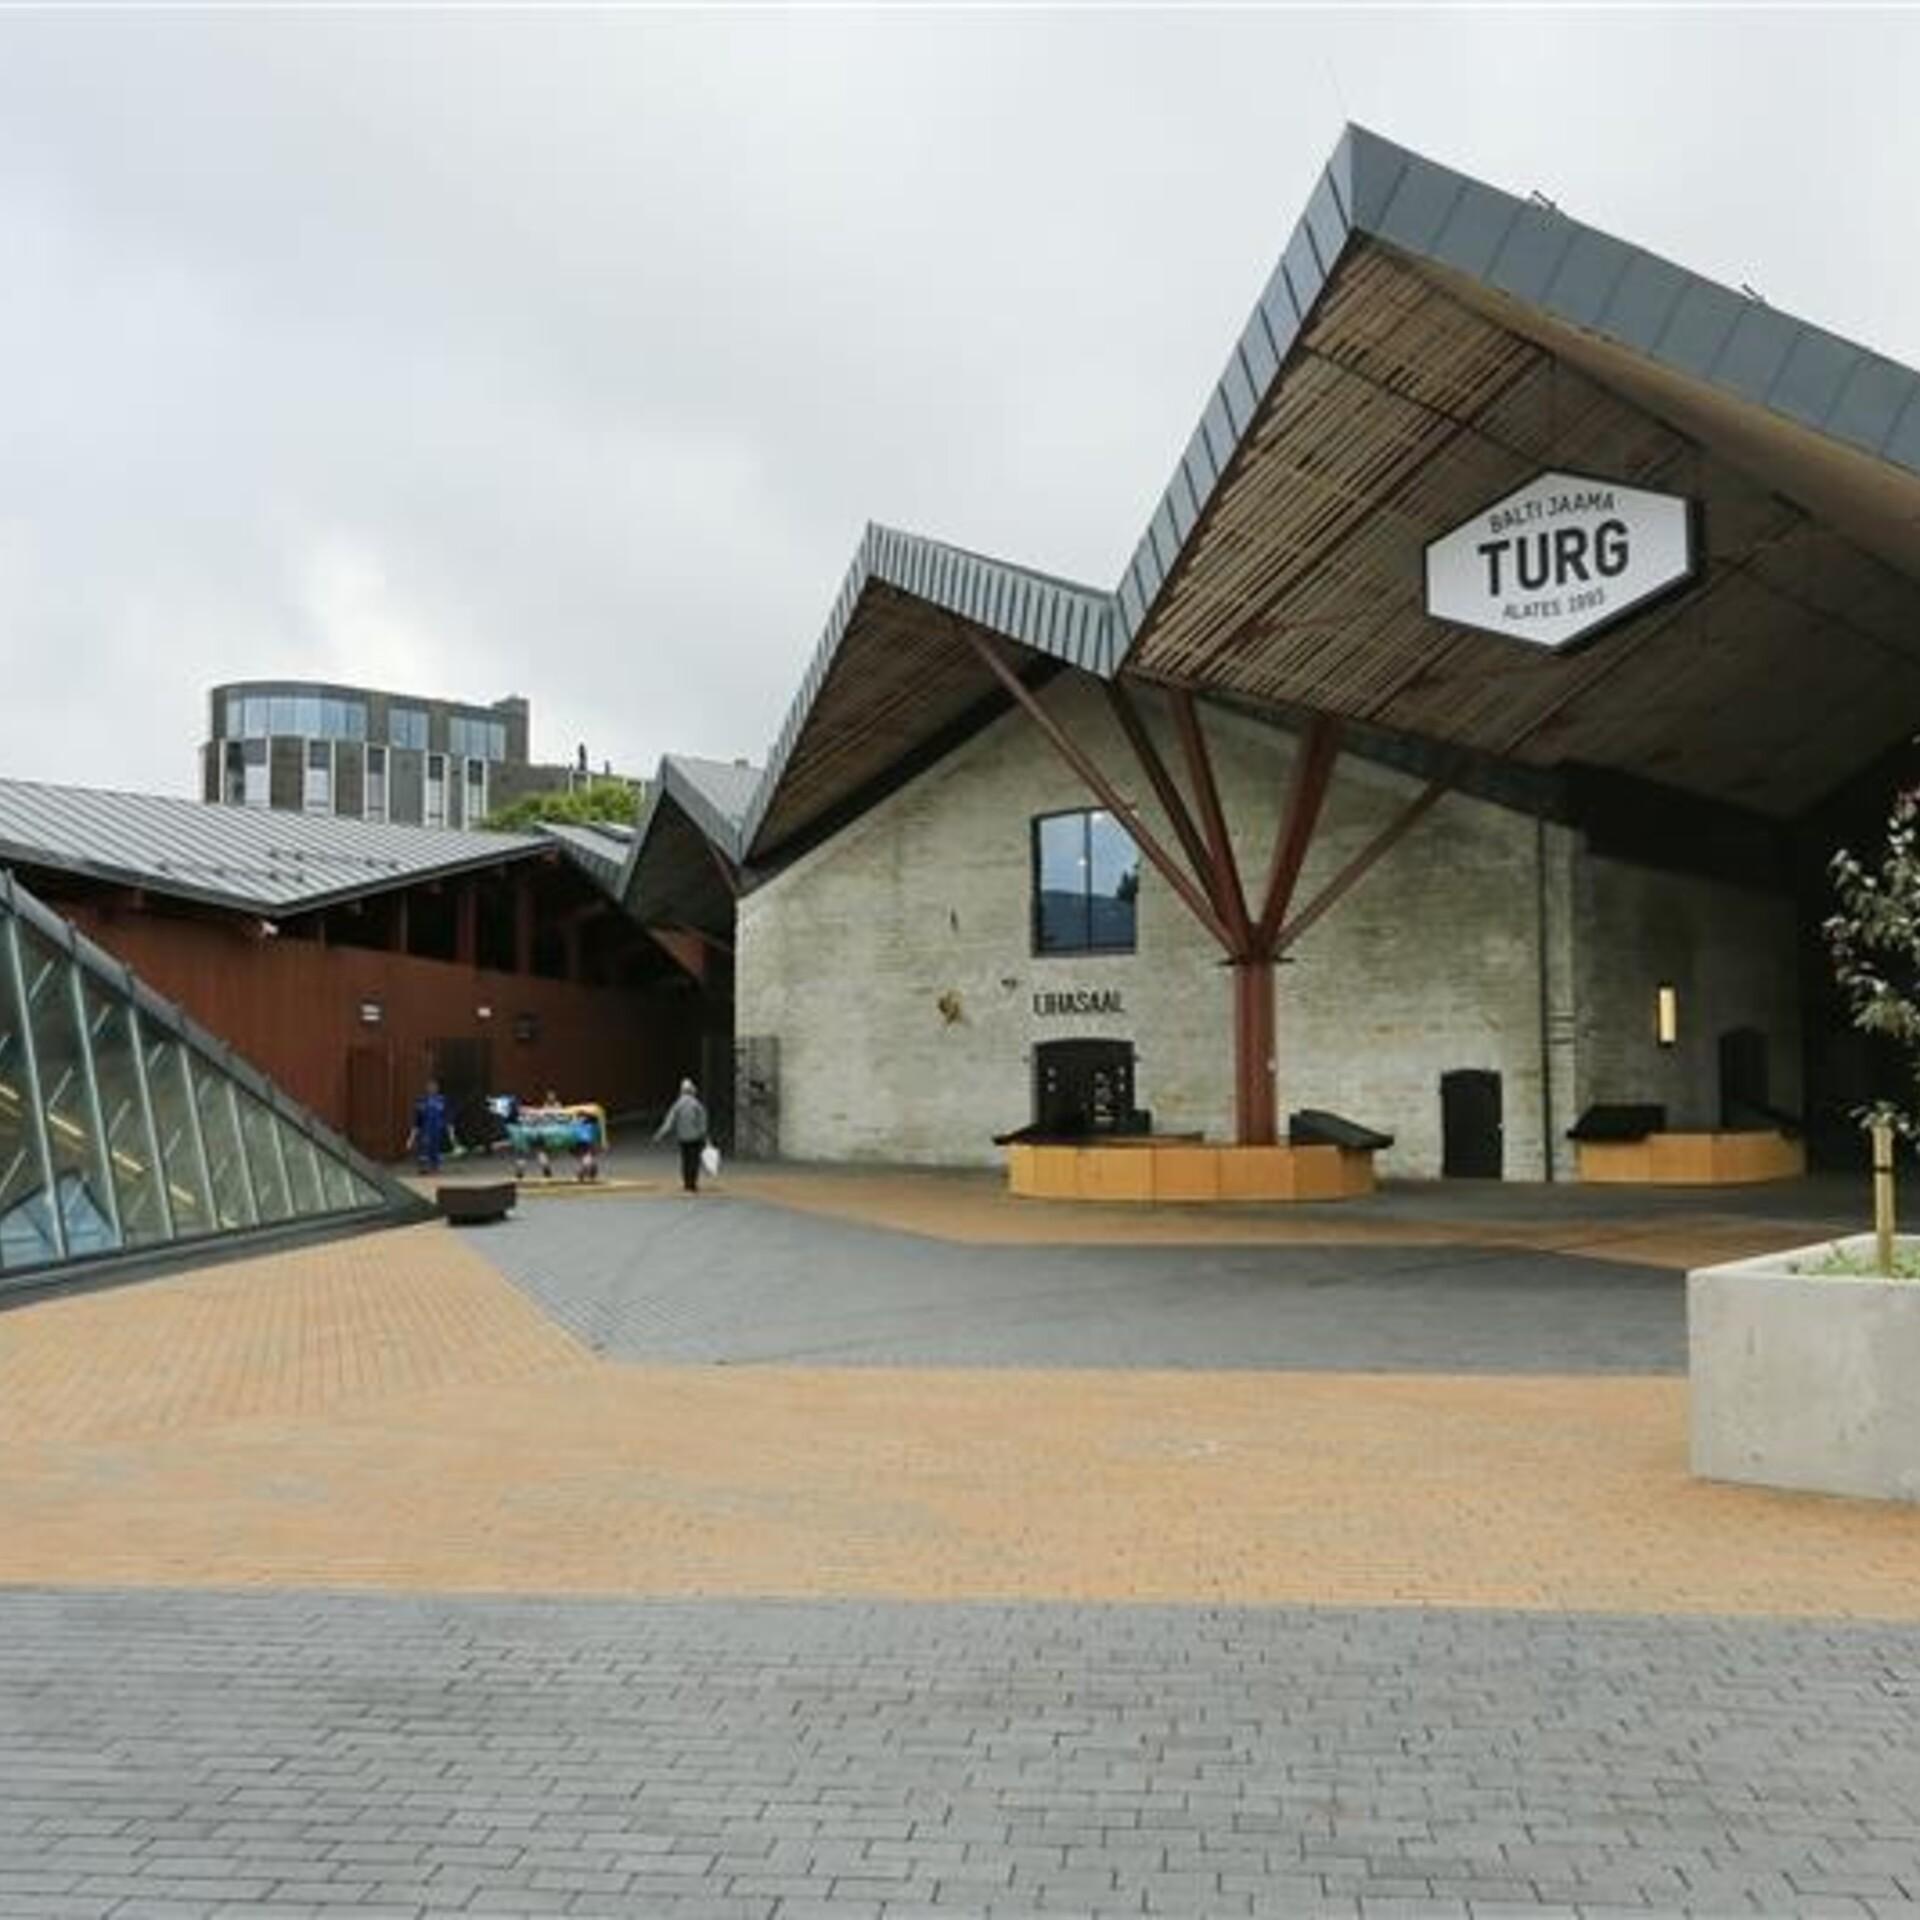 e70be3772f3 Triin Ojari: Balti jaama turg kui aja märk   Arhitektuur   ERR